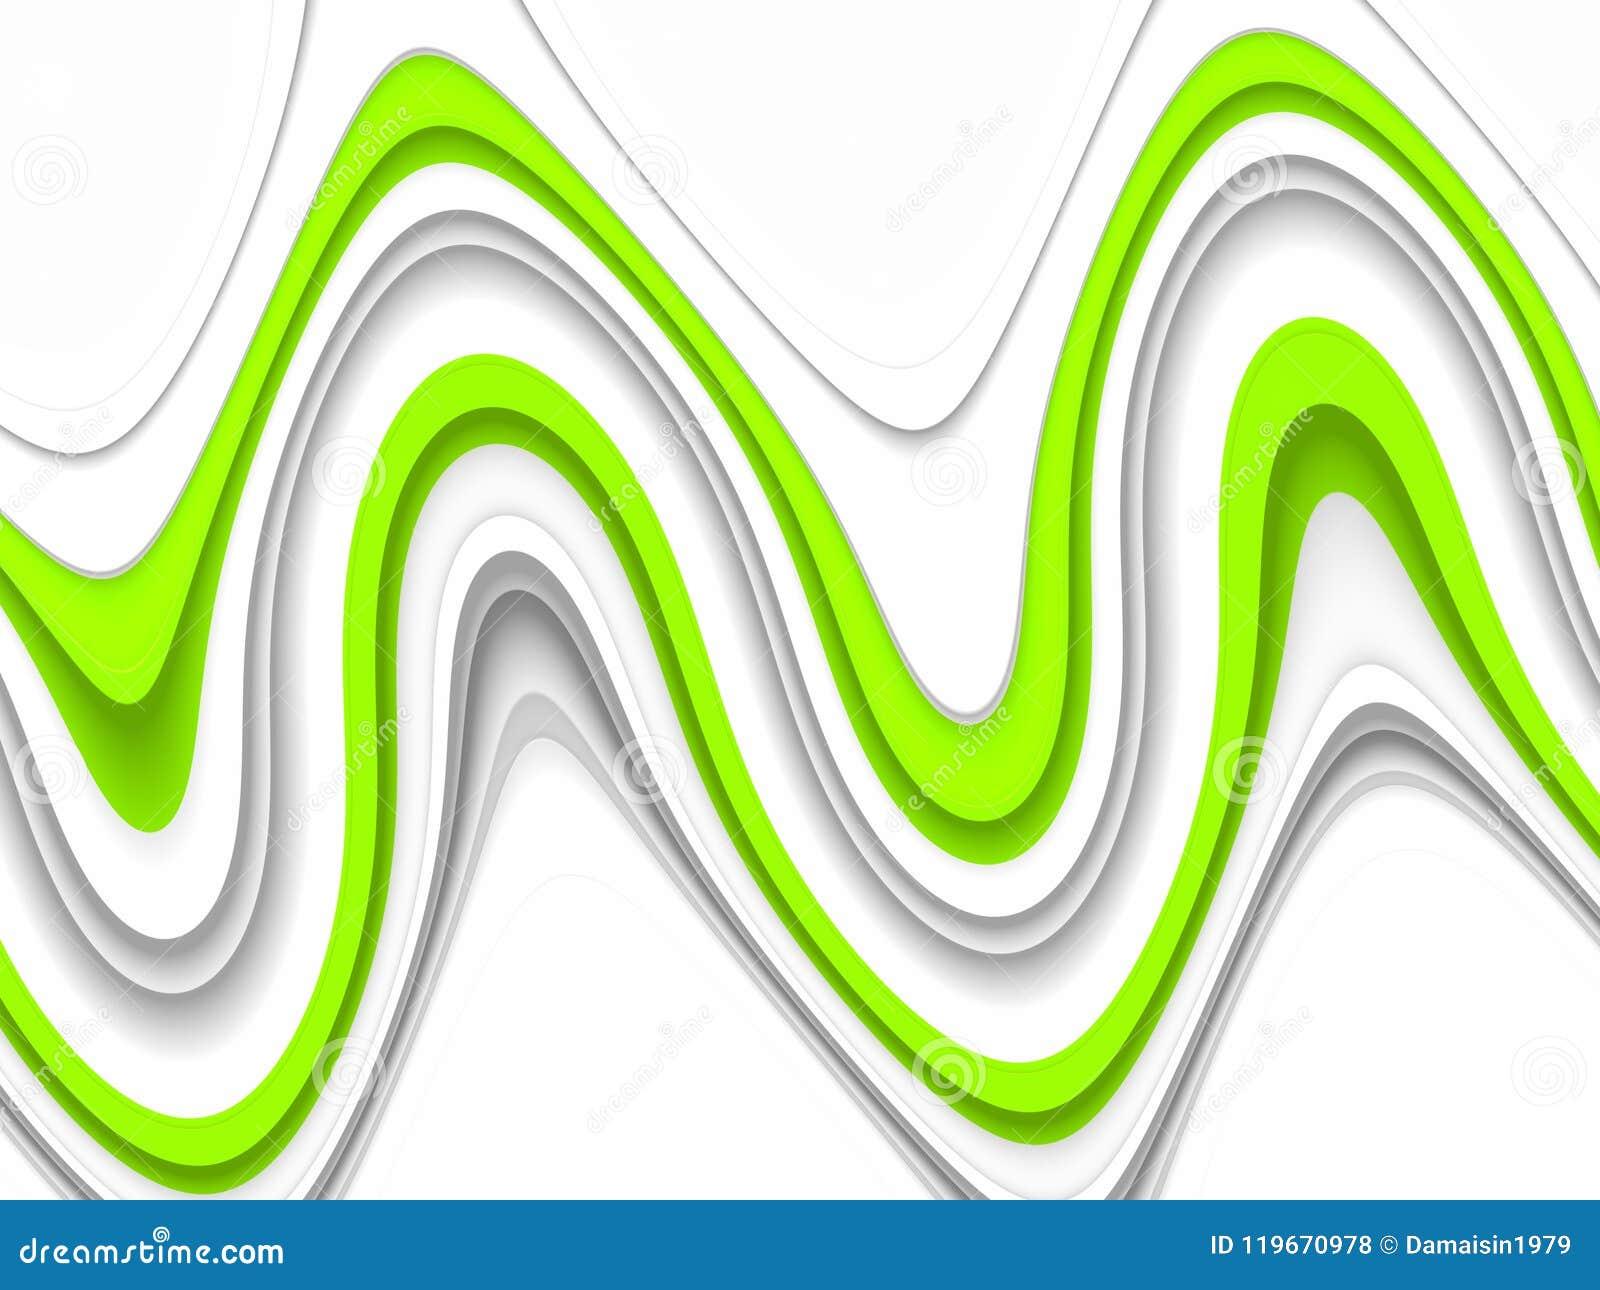 Spielerischer grüner phosphoreszierender Wellenhintergrund Wellen wie Formen, abstrakter Hintergrund